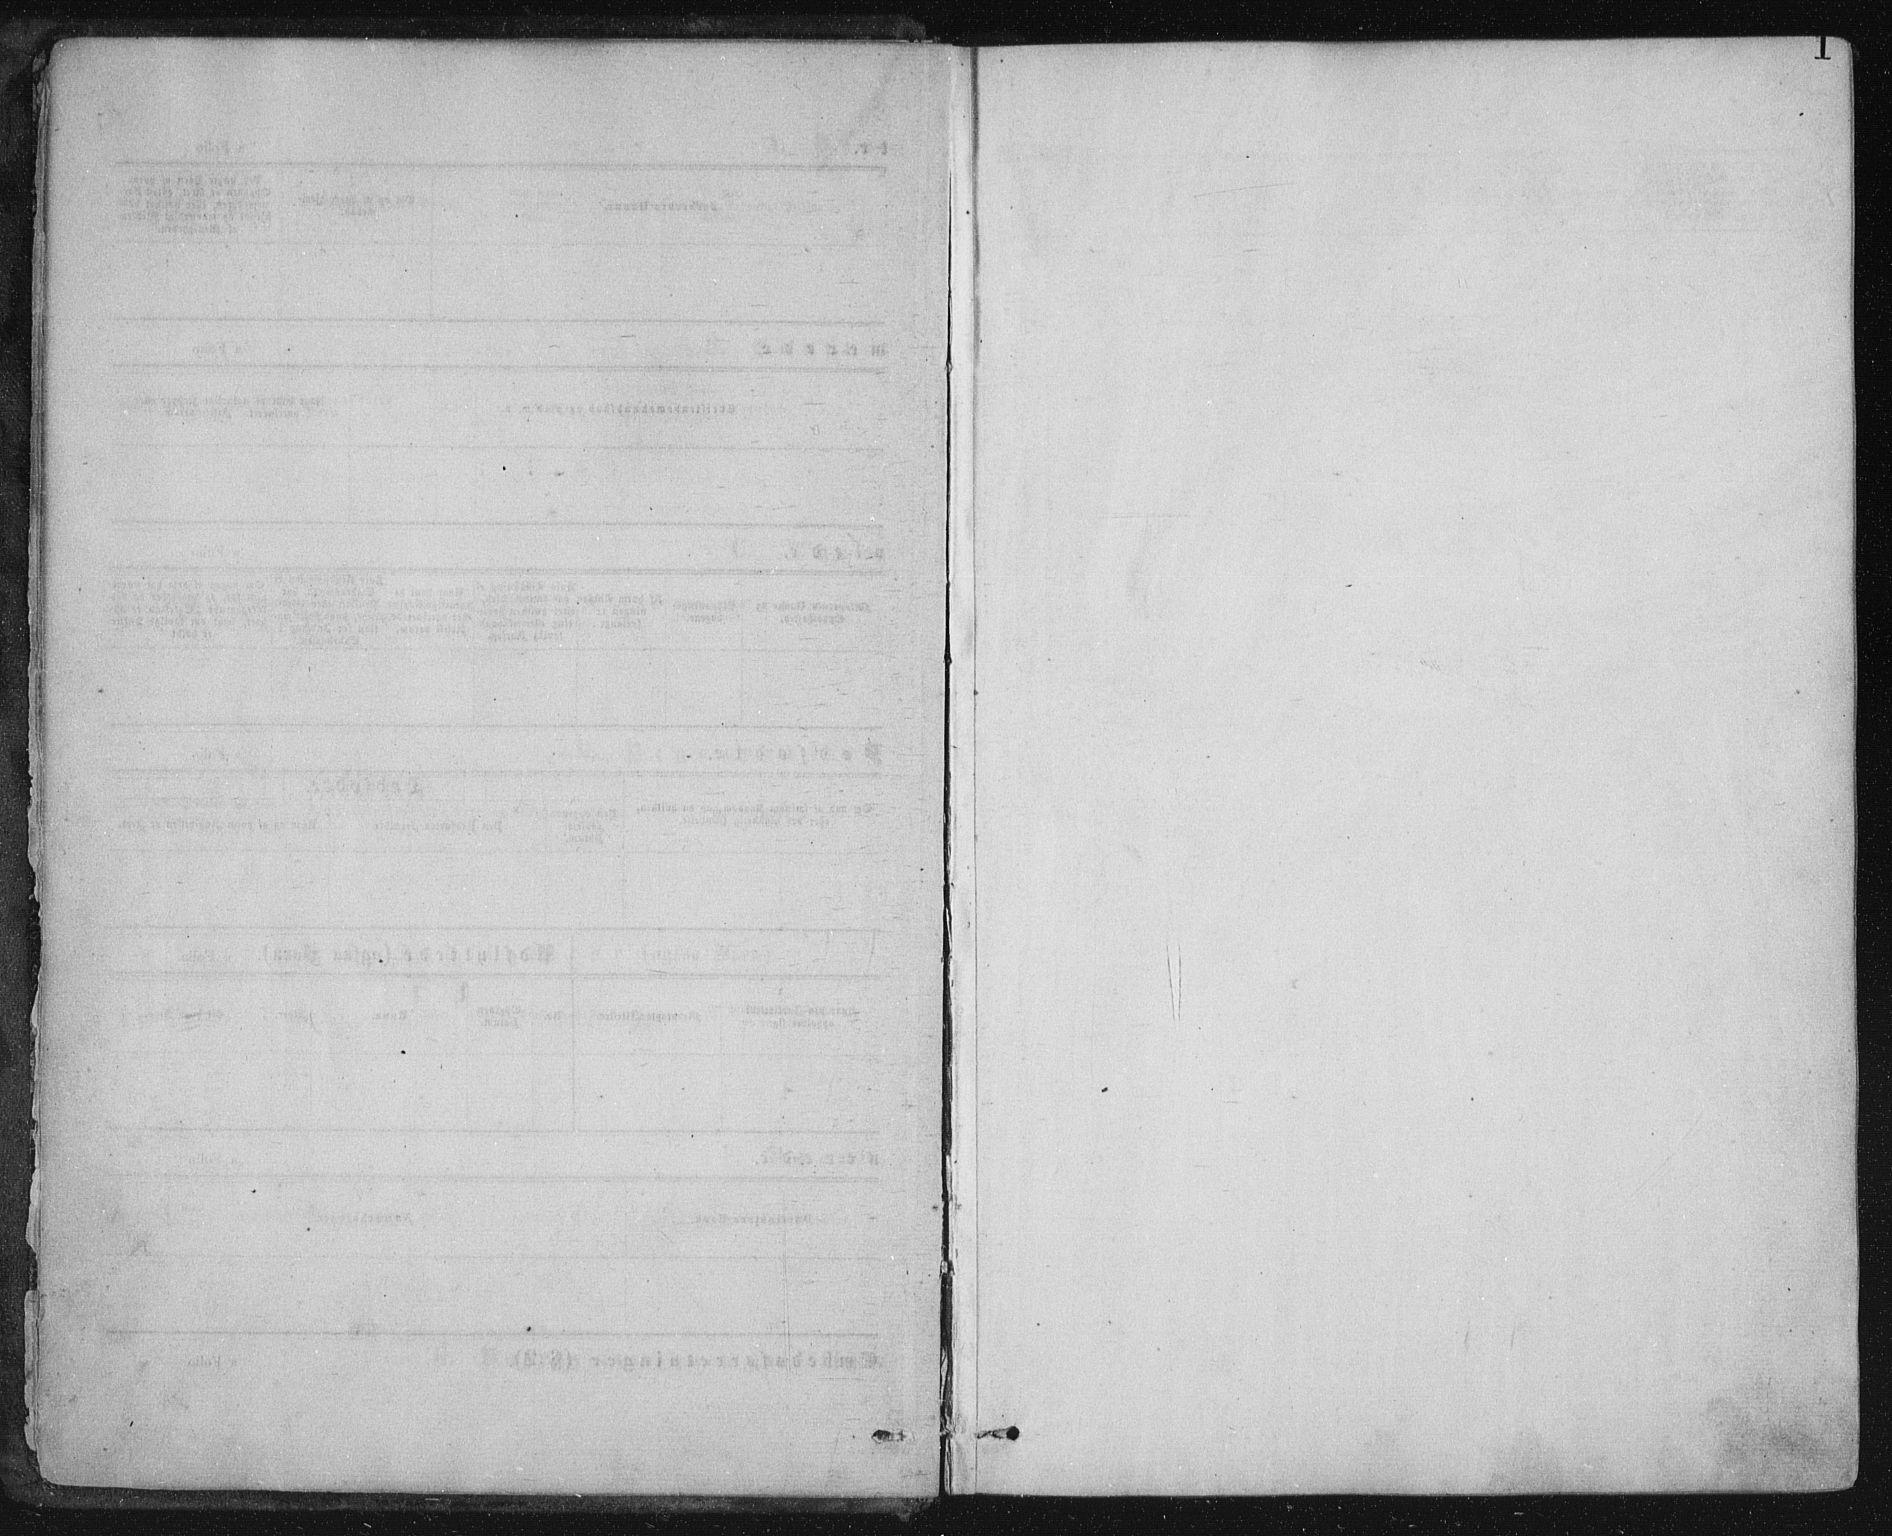 SAT, Ministerialprotokoller, klokkerbøker og fødselsregistre - Nord-Trøndelag, 771/L0596: Ministerialbok nr. 771A03, 1870-1884, s. 1